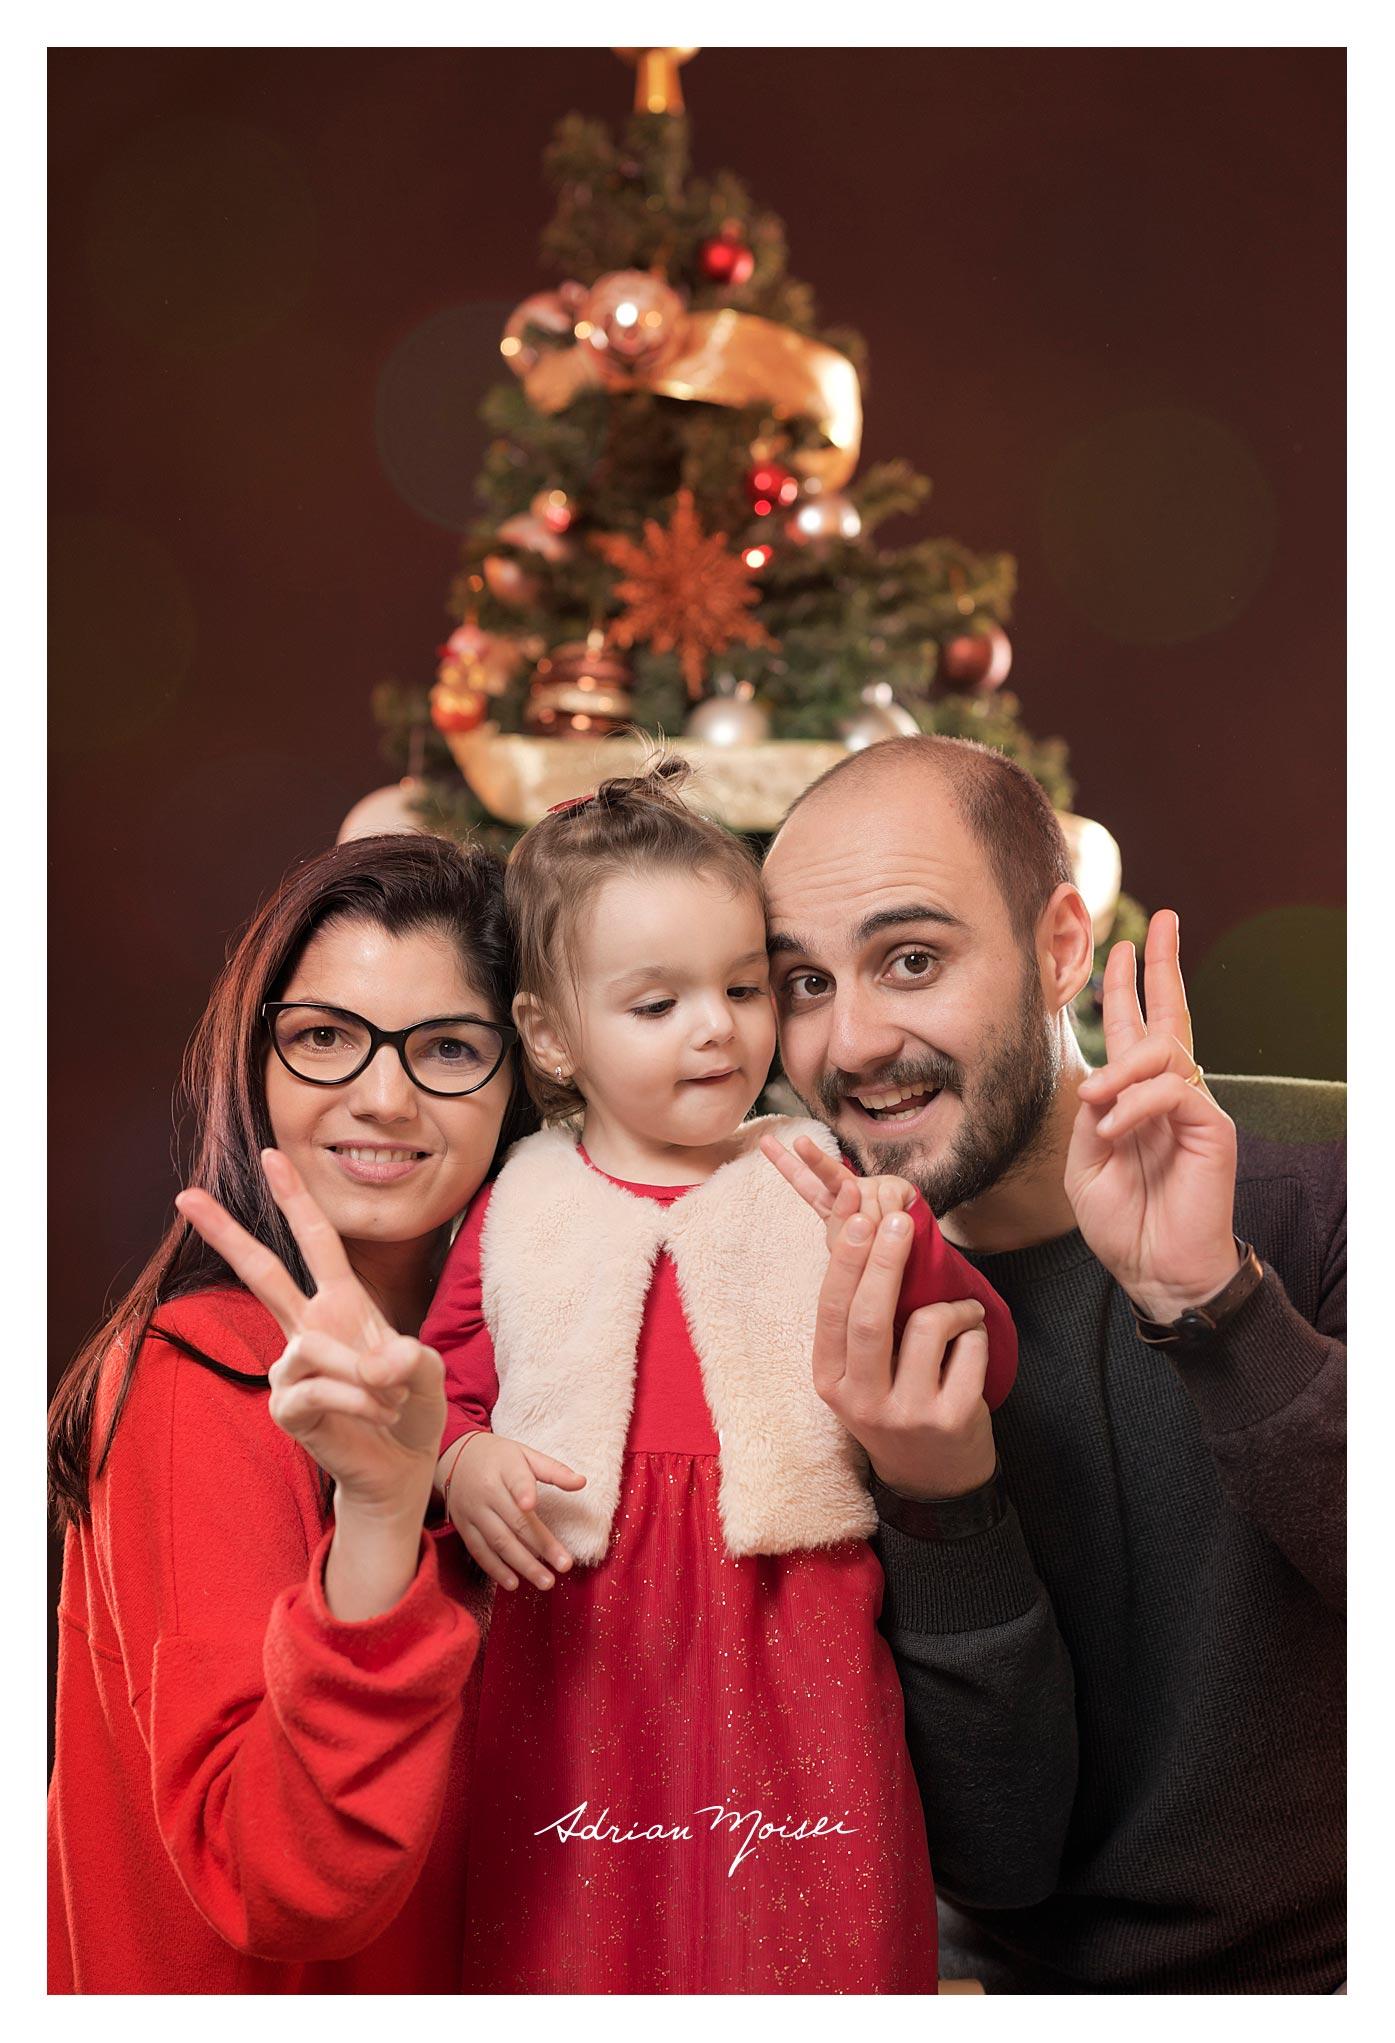 La doi ani, de Crăciun, fotografie de familie, Adrian Moisei.